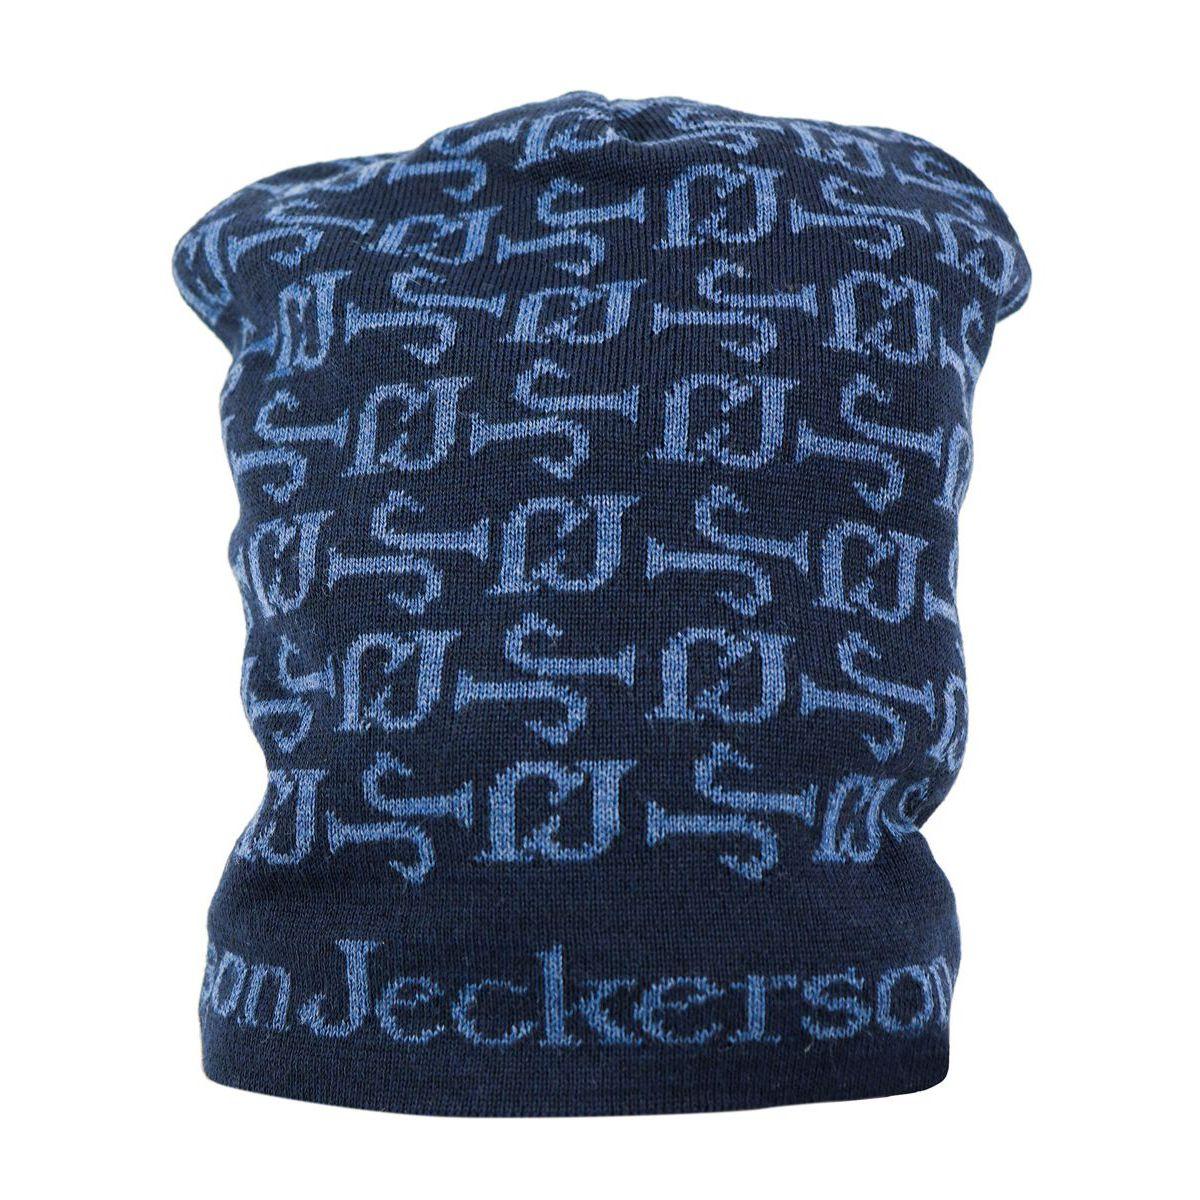 Contrast wool logo lettering cap Blue Jeckerson